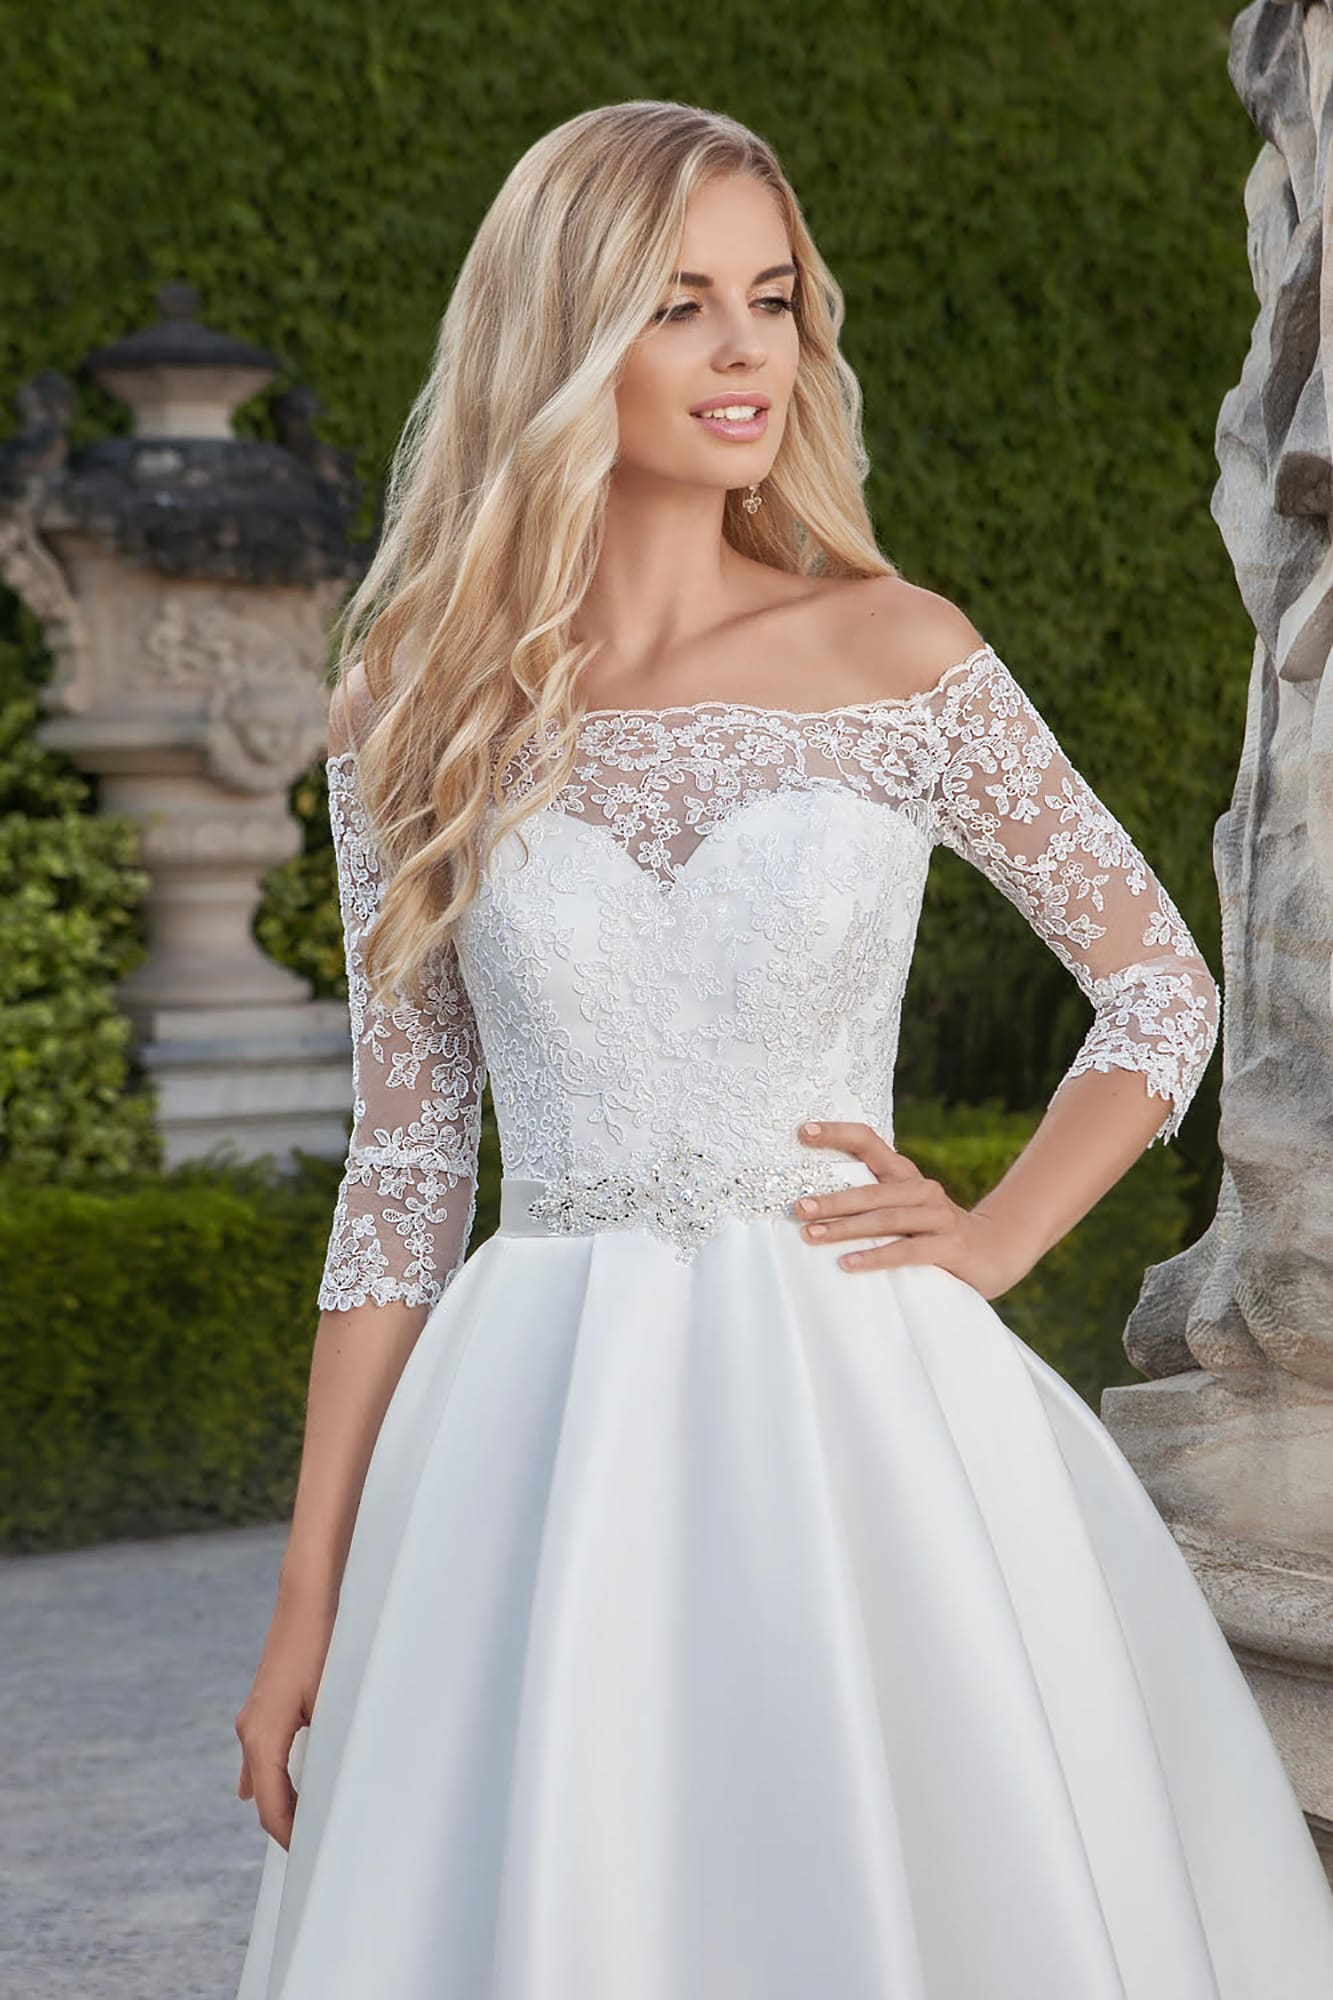 194d1abba56 Короткое свадебное платье с атласной юбкой и элегантным кружевным верхом с  рукавом.